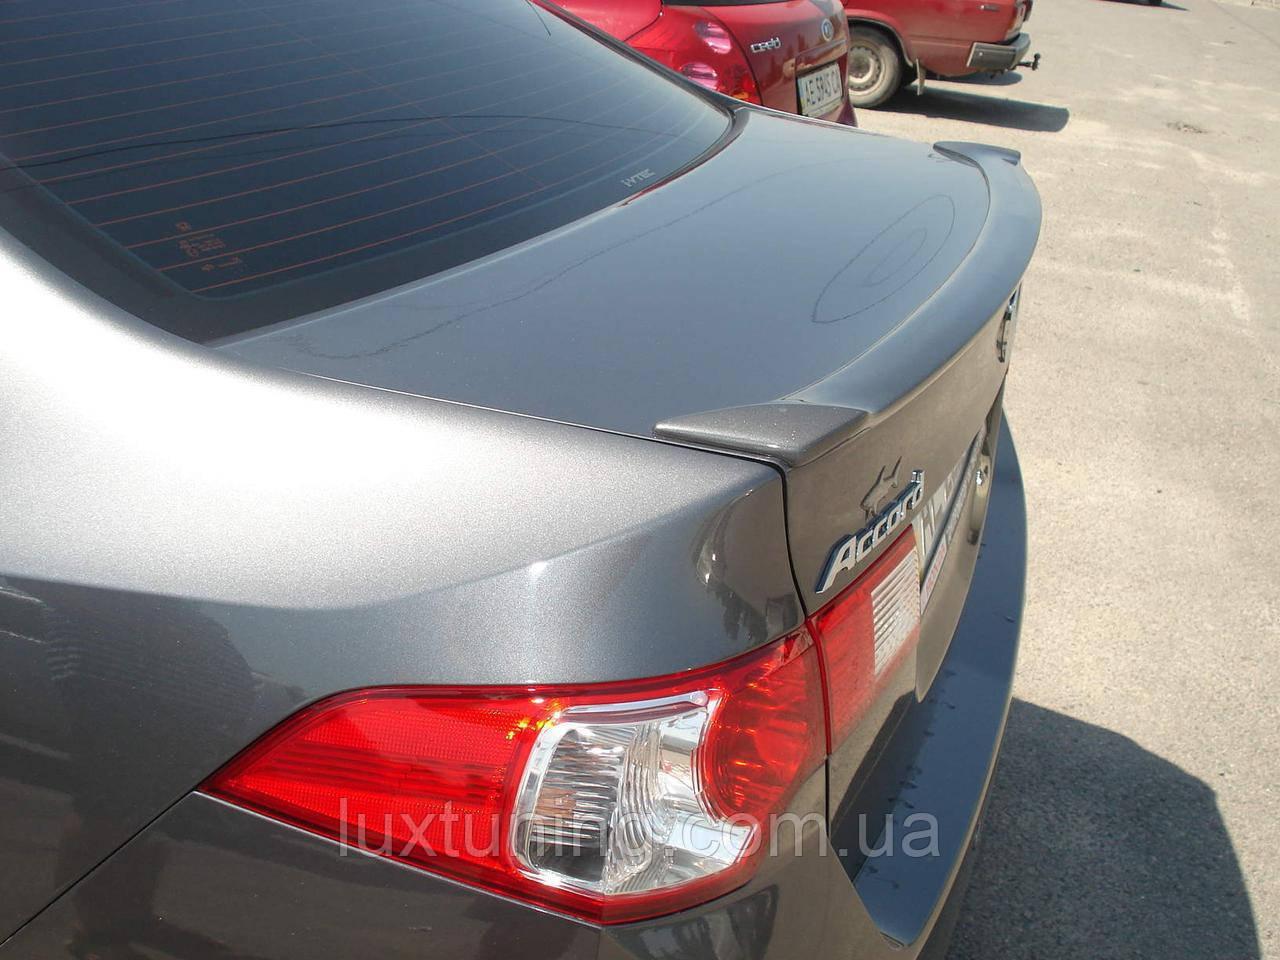 Покраска багажника хонда Замена цилиндра сцепления фольксваген гольф плюс